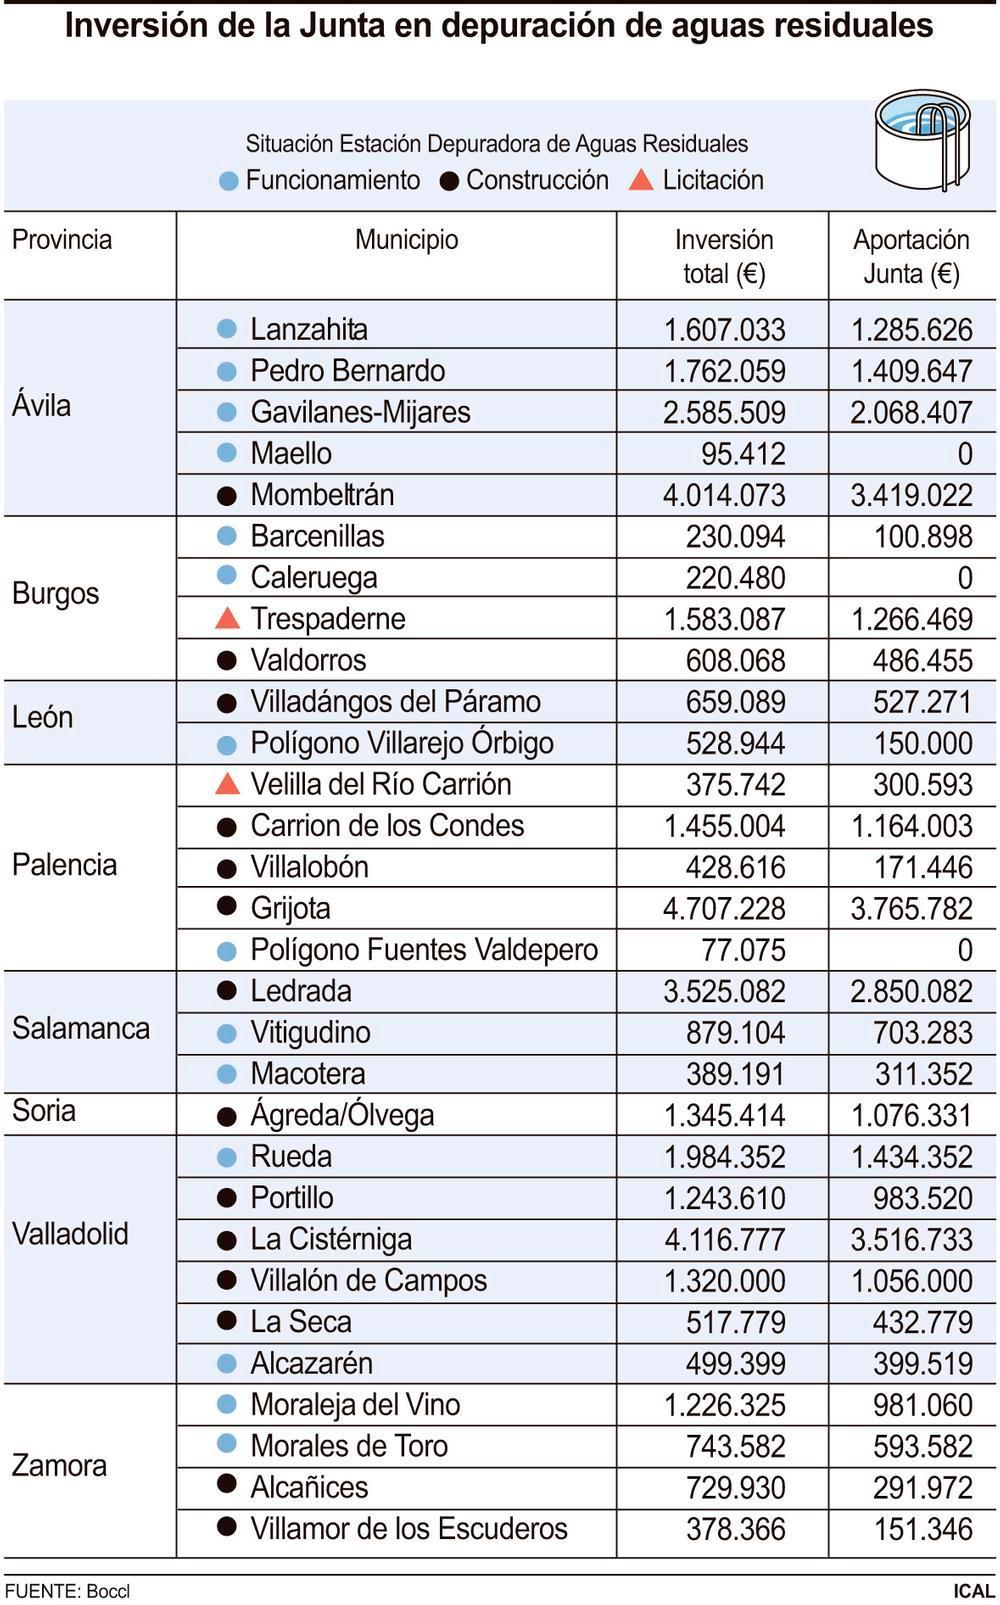 21,4M€ para dotar a 16 localidades de depuradora de aguas